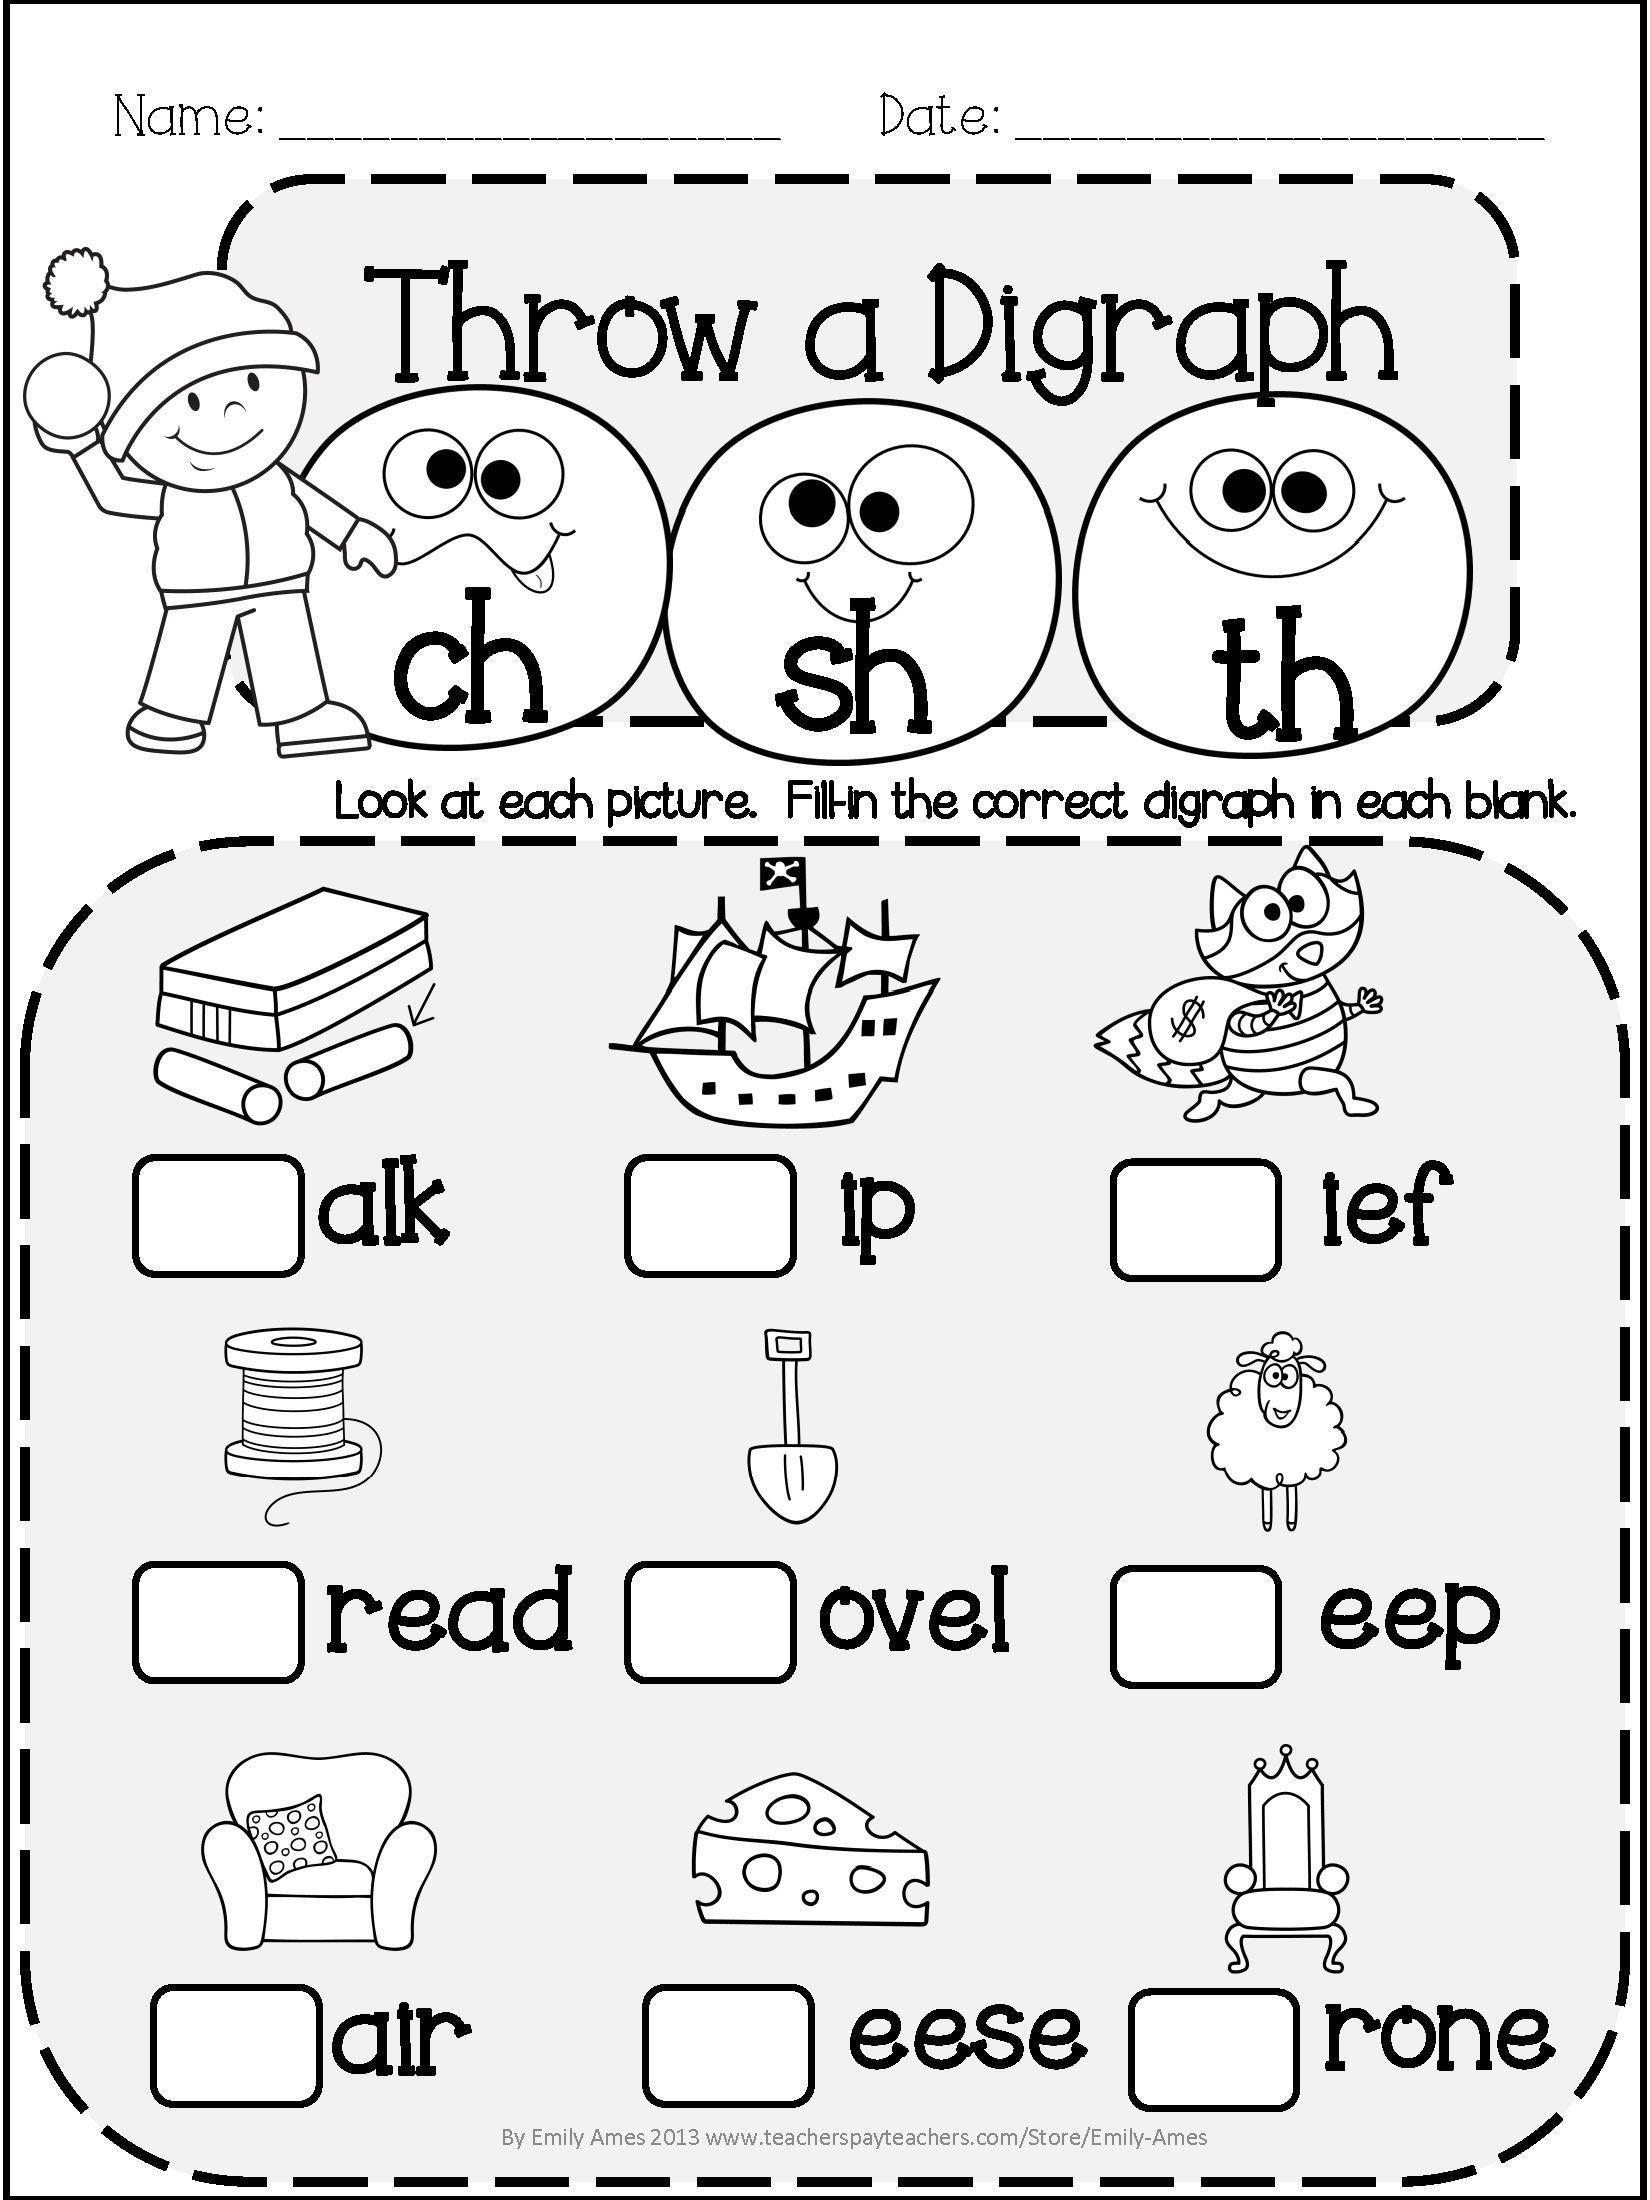 Ck Worksheets For 2nd Grade In 2020 Blends Worksheets Kindergarten Math Worksheets 1st Grade Reading Worksheets